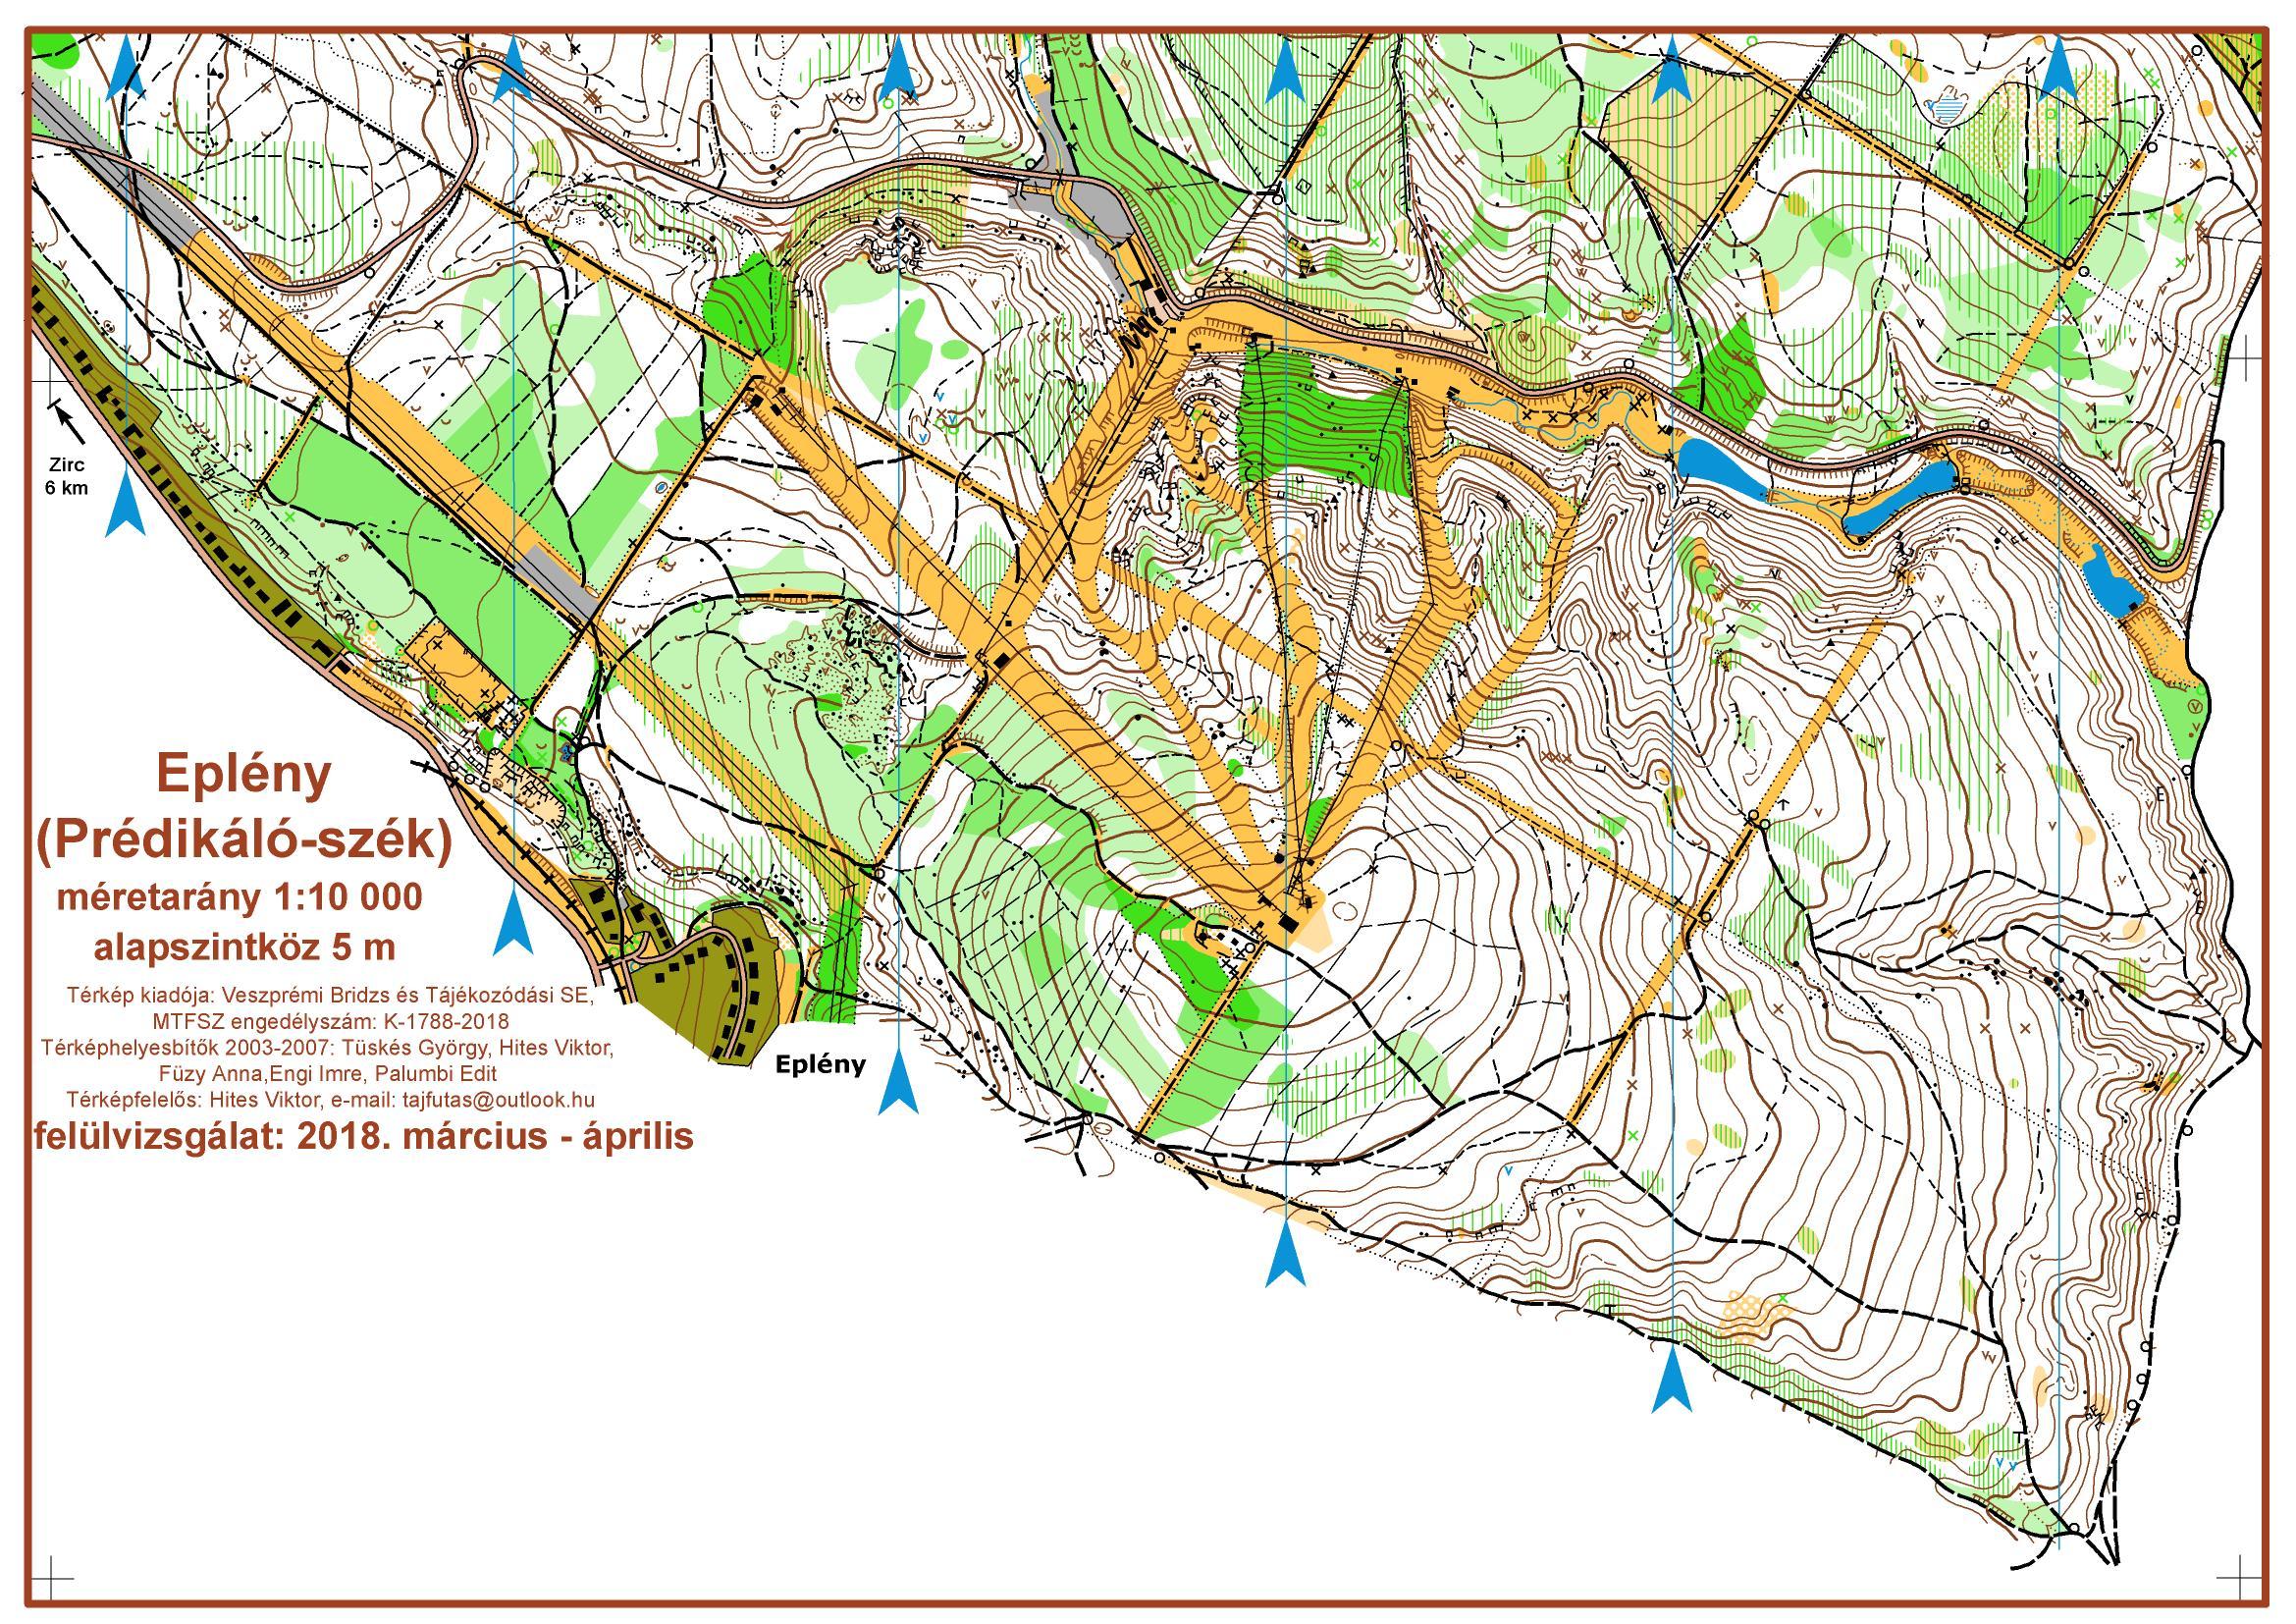 eplény térkép DOL normáltáv   May 27th 2018   Orienteering Map from mtfsz.hu eplény térkép